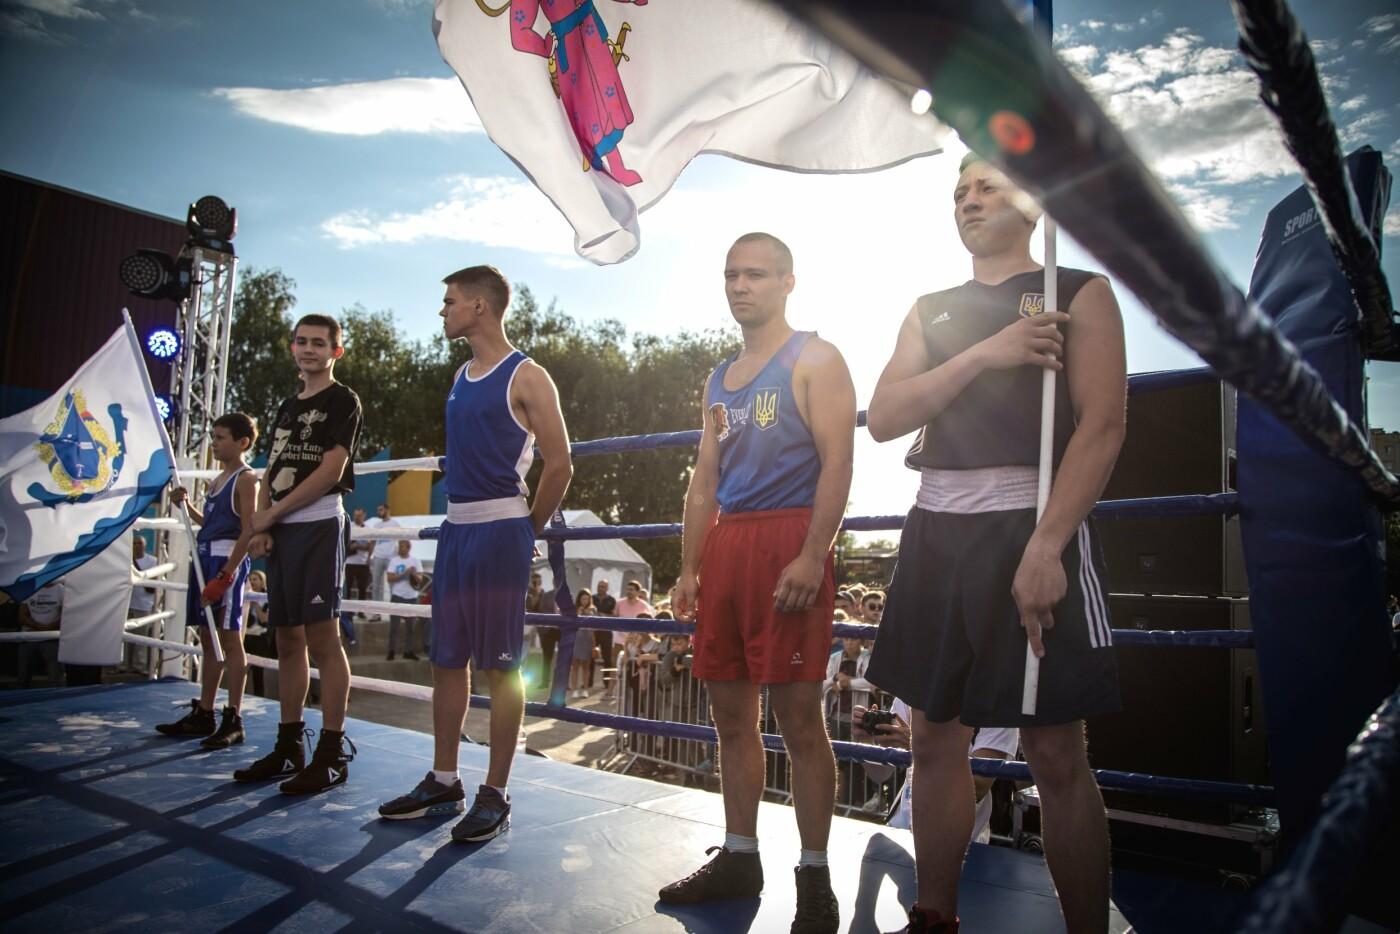 В Лисичанске прошел боксерский турнир памяти отца и сына Назаренко и концерт группы Армия, фото-19